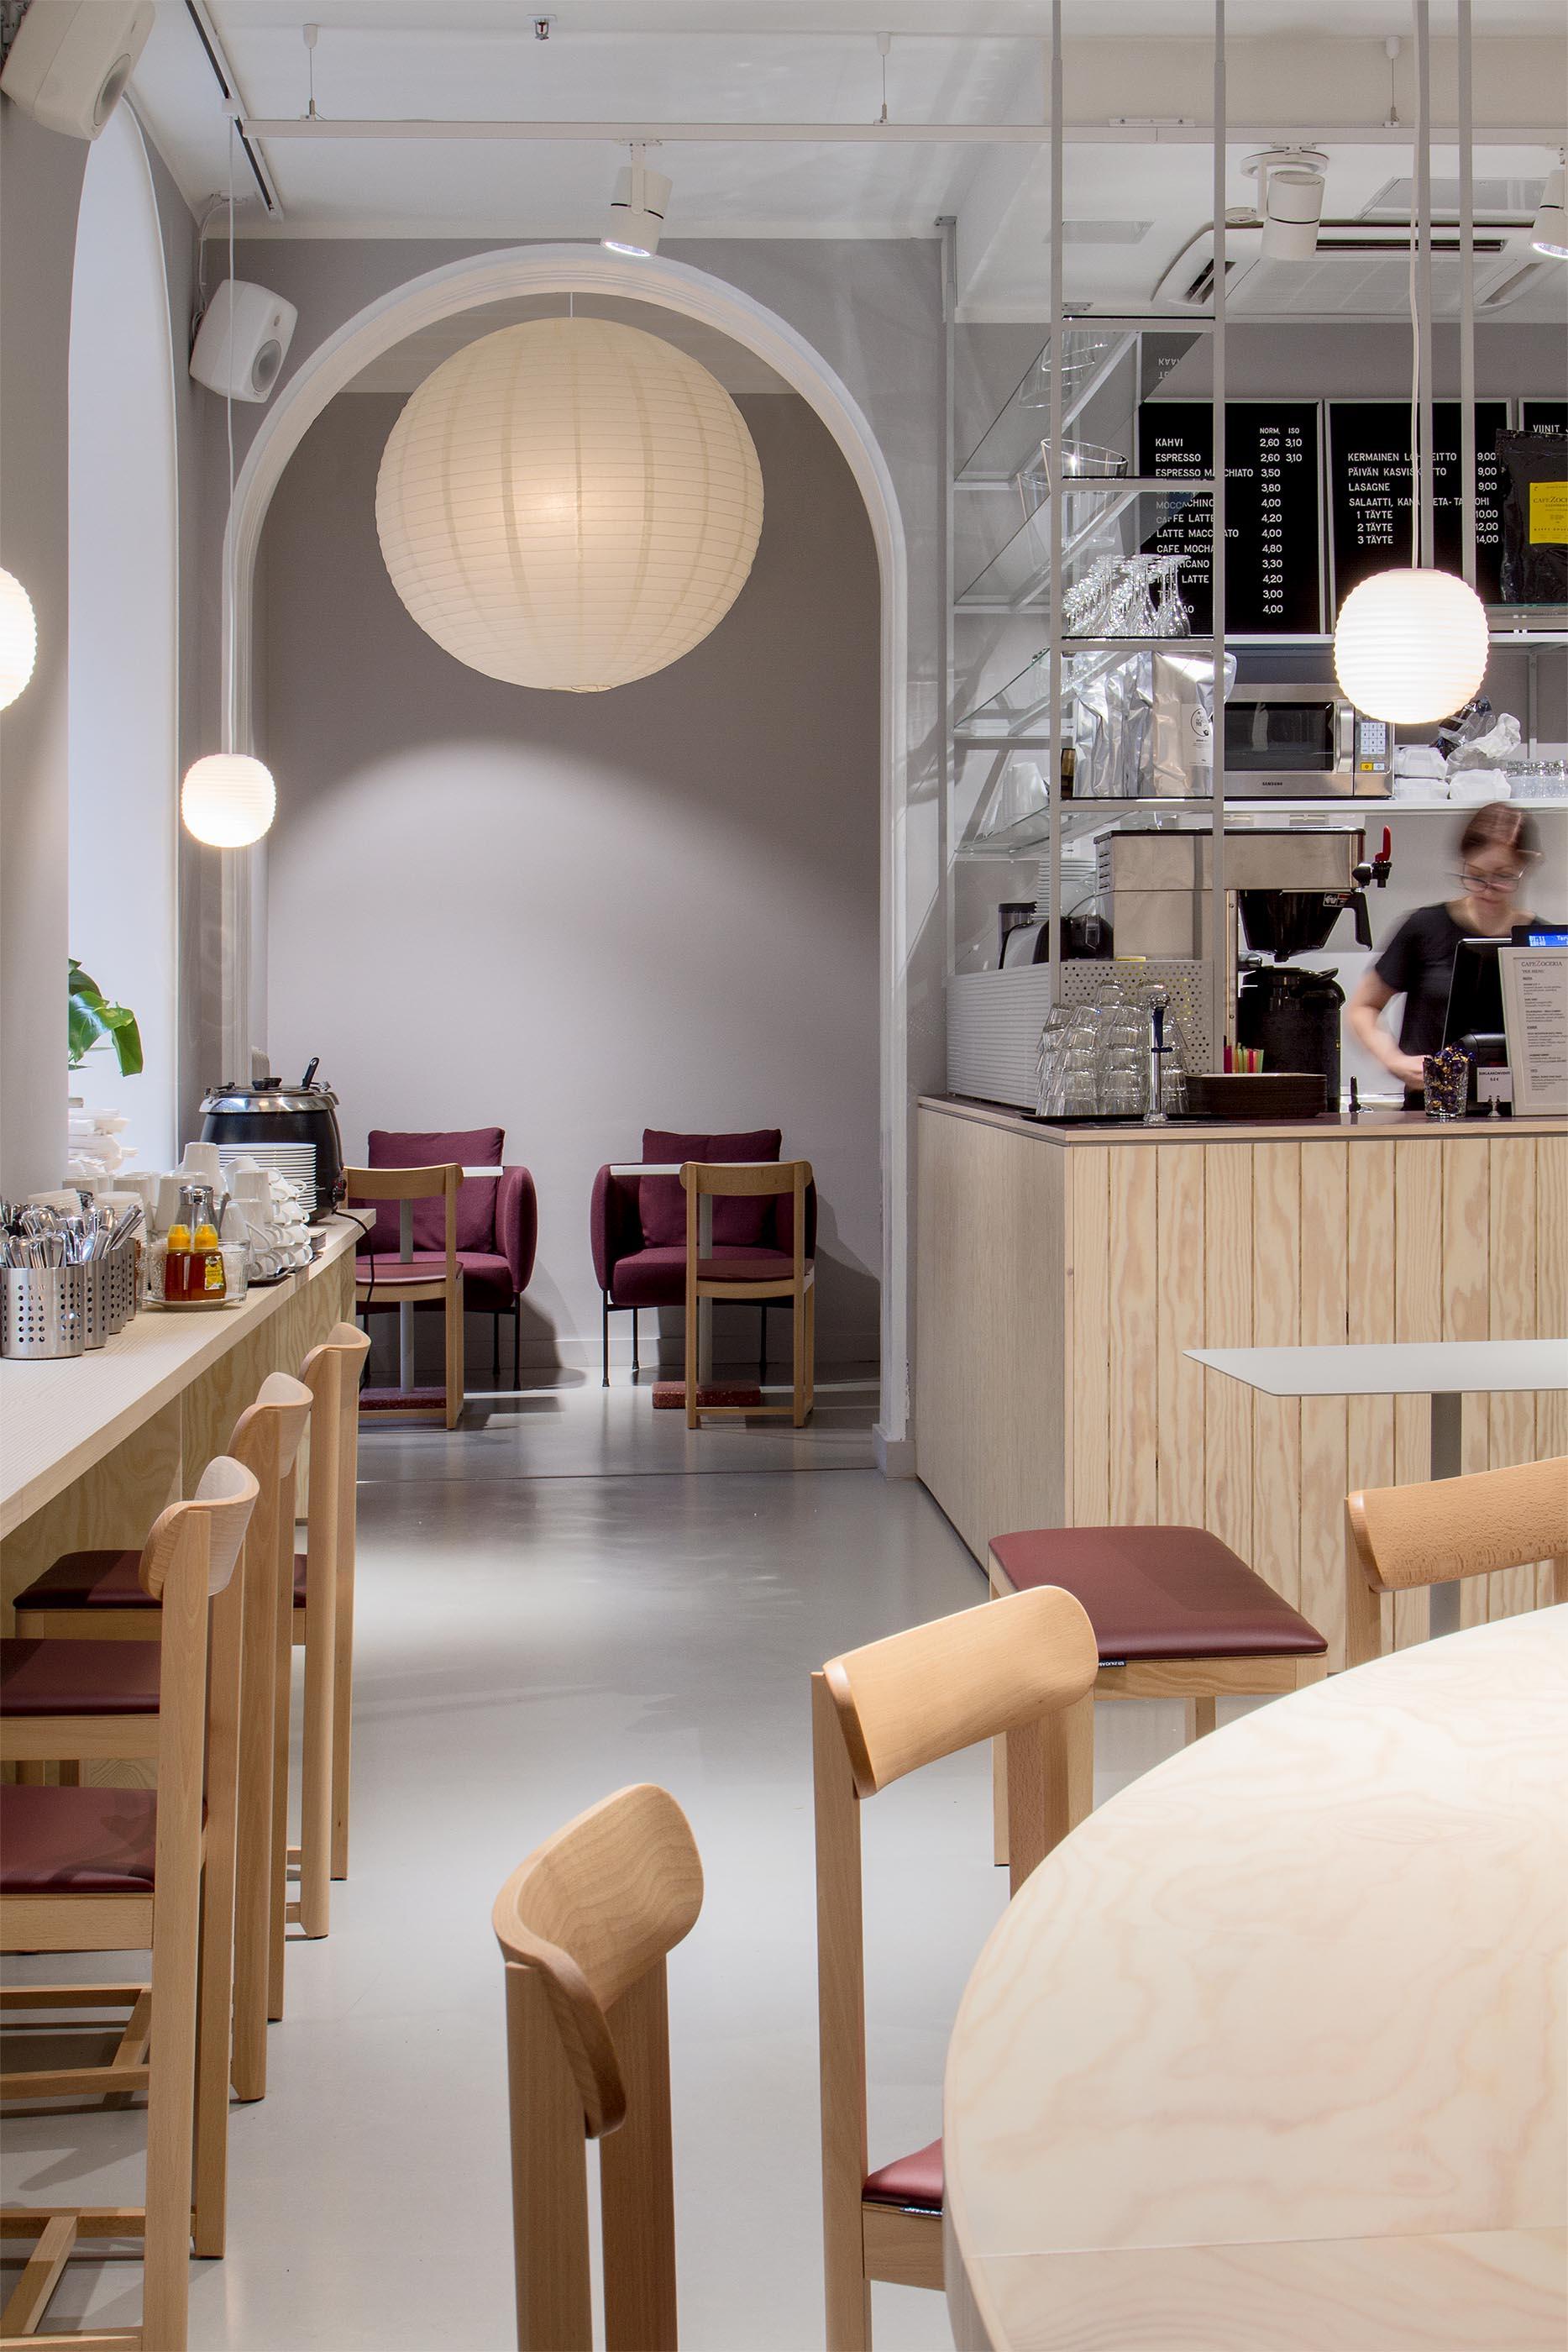 Kuudes work: Suomalainen Kirjakauppa Flagship Store